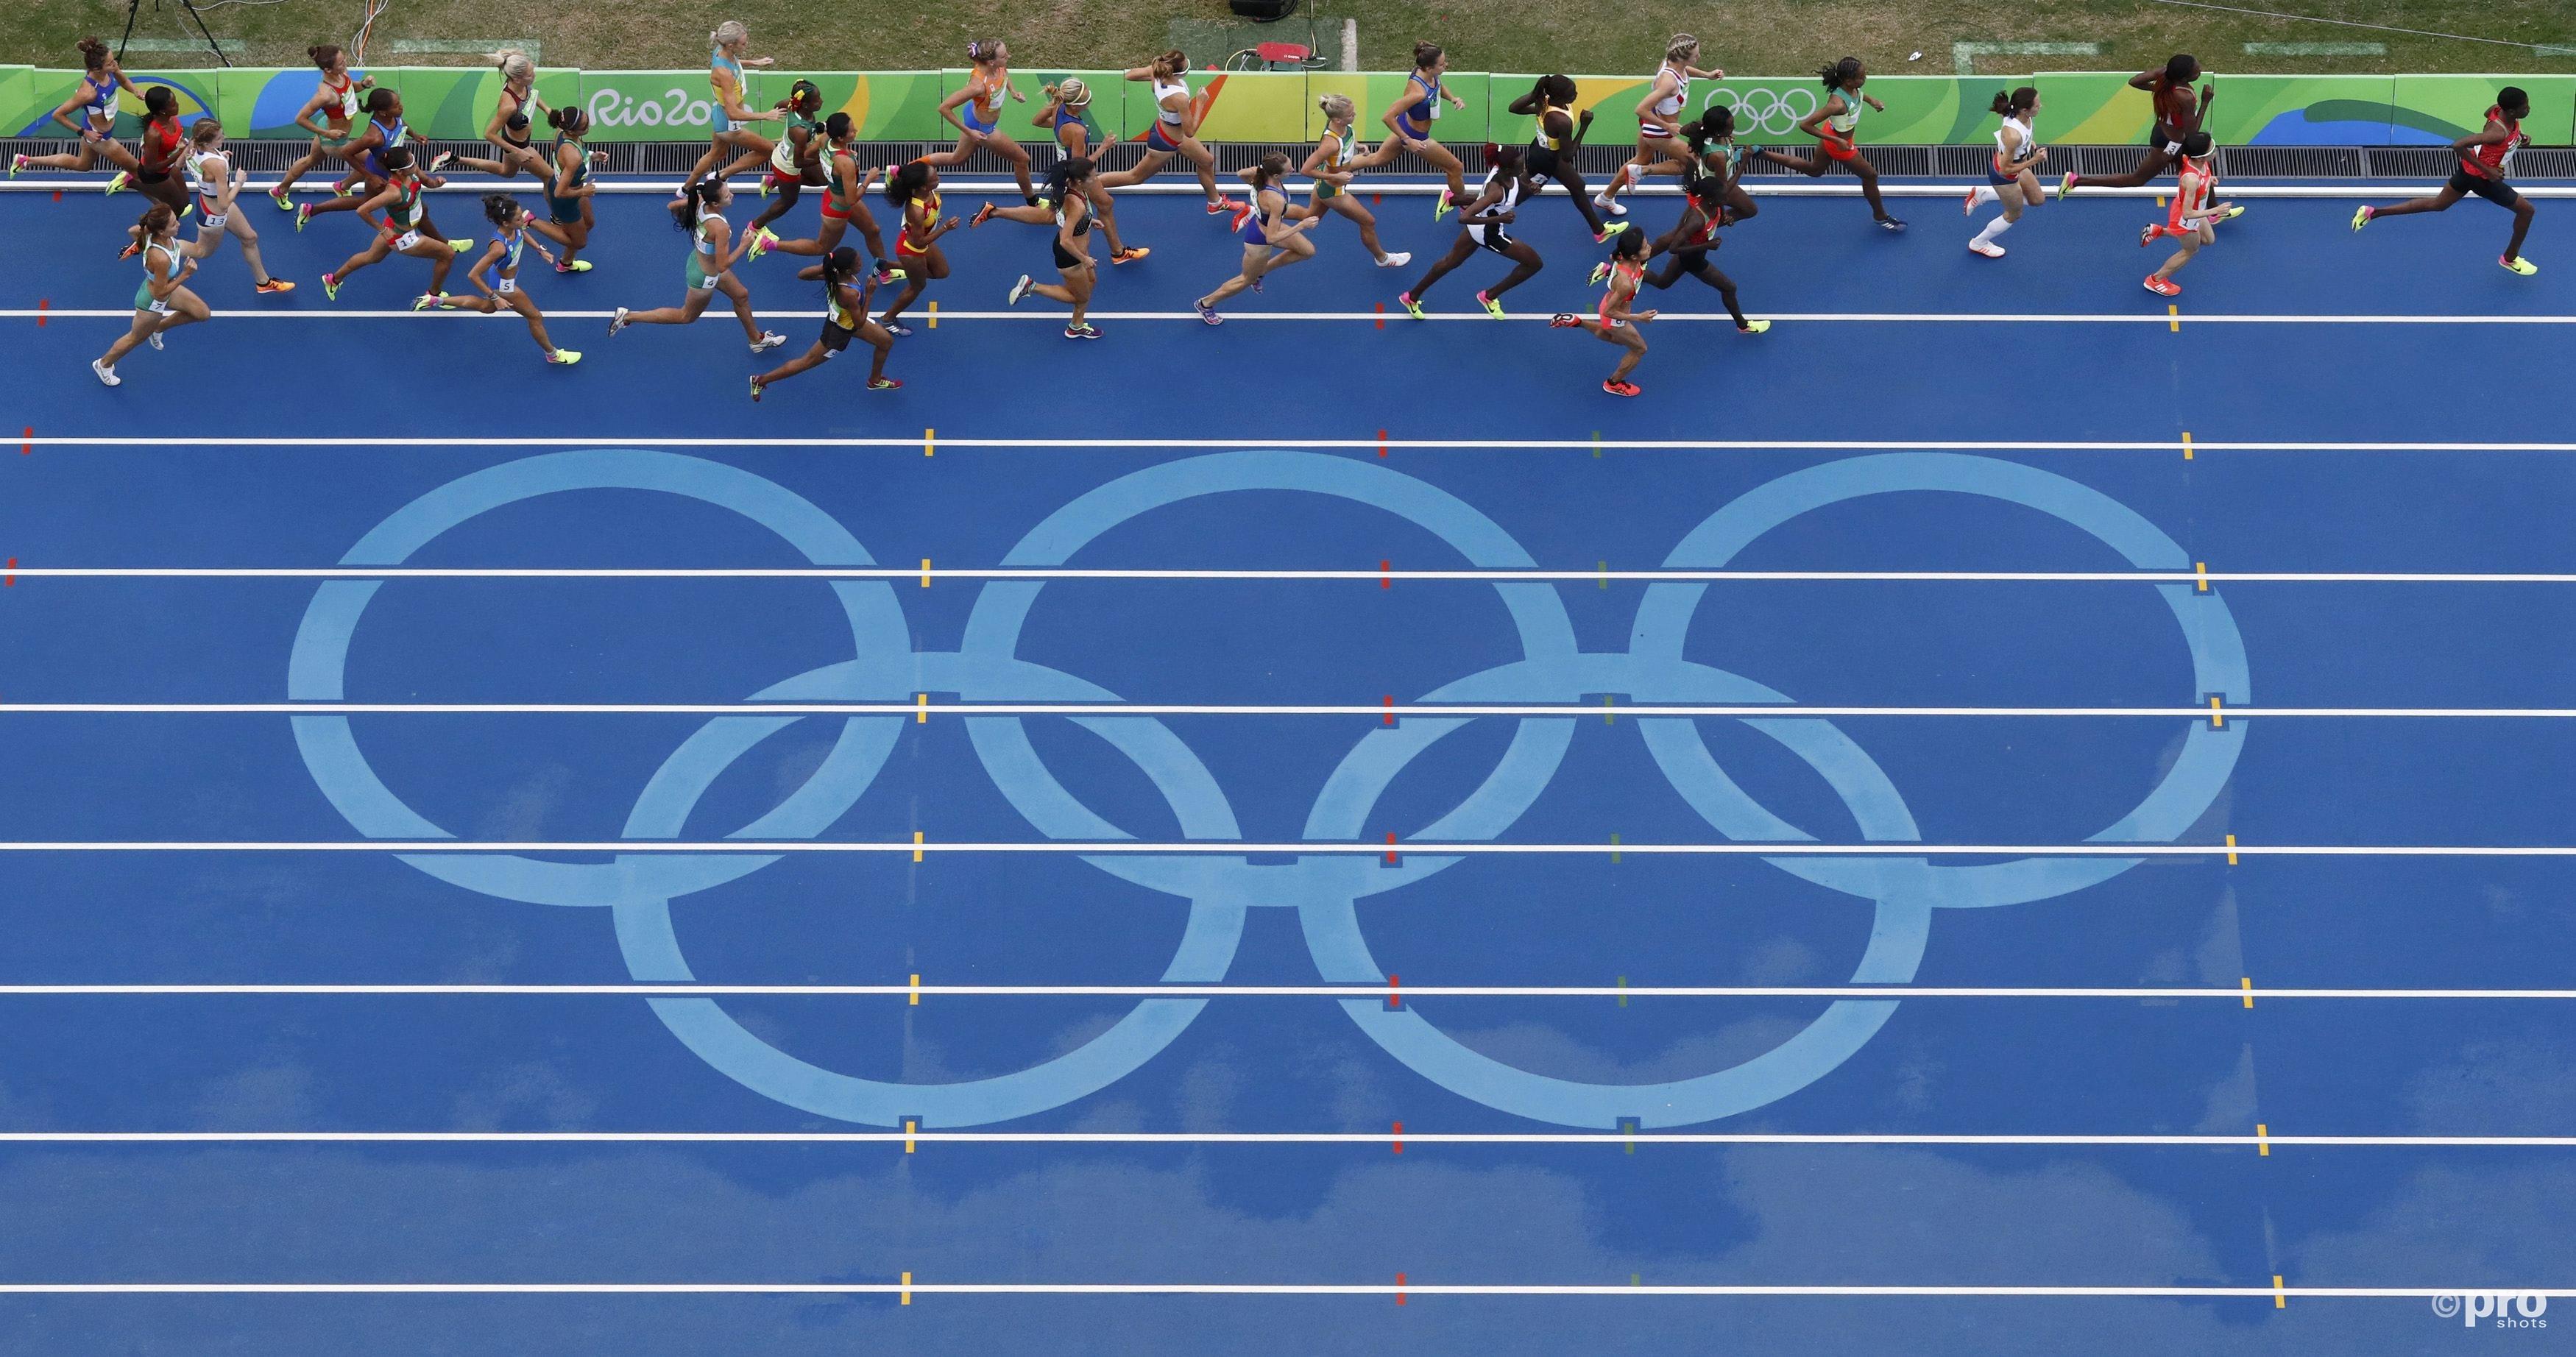 Het was een flink startveld op de 10km in Rio (PROSHOTS/Action Images)